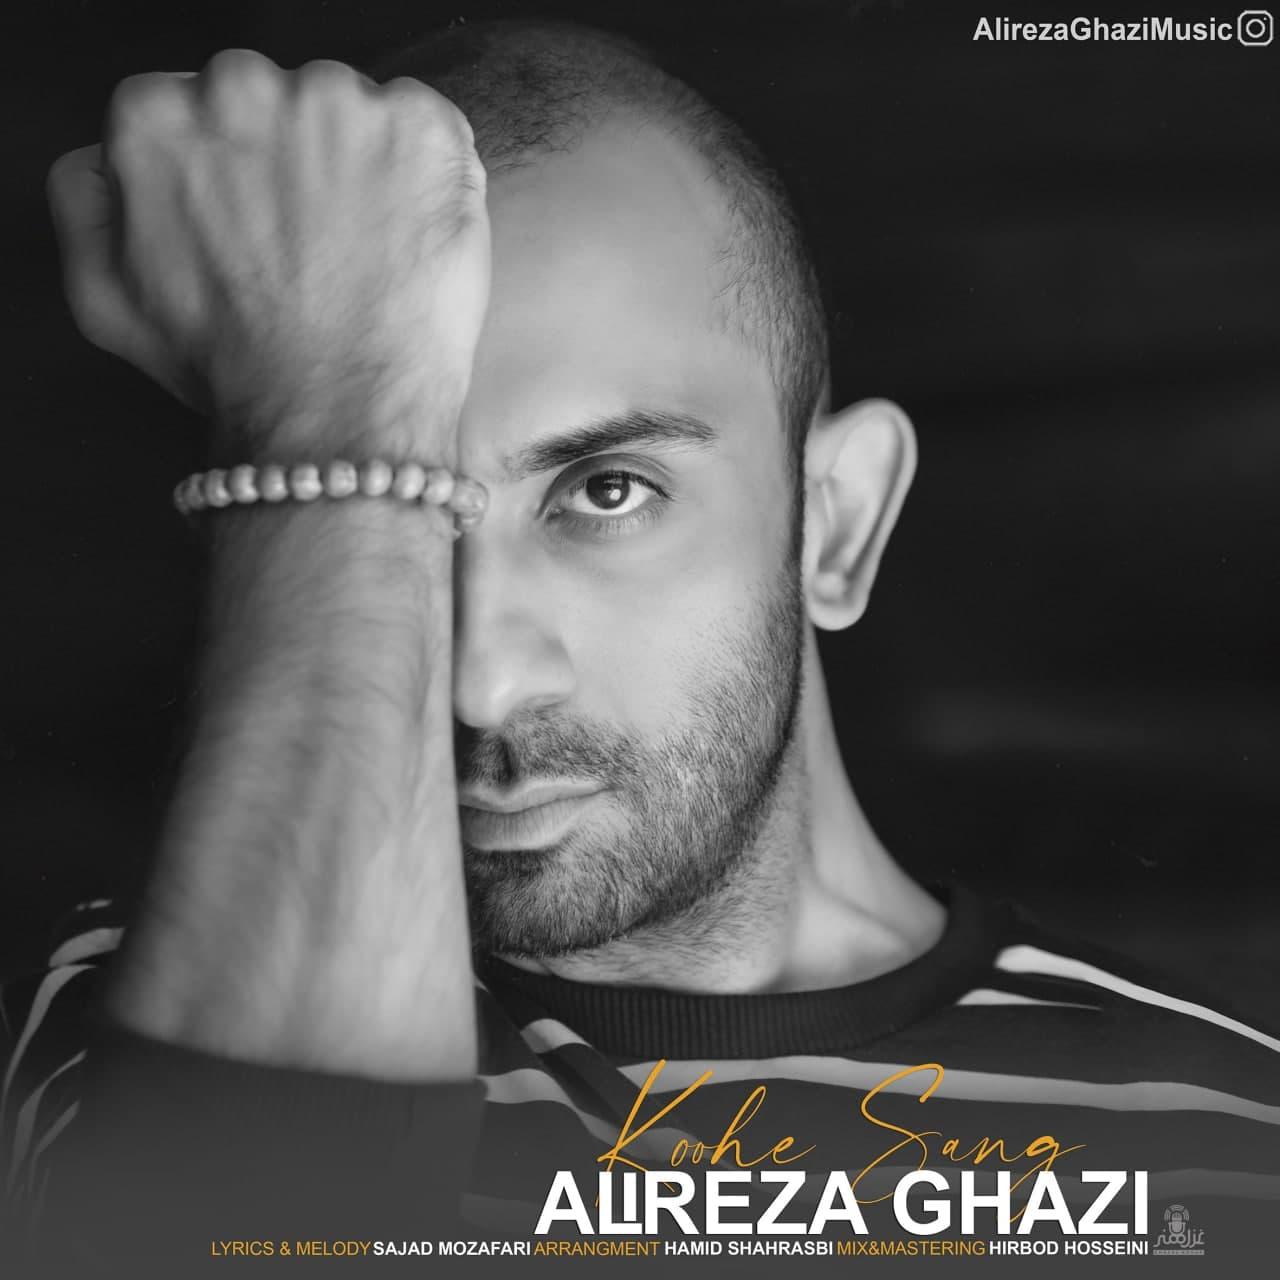 Alireza Ghazi – Koohe Sang